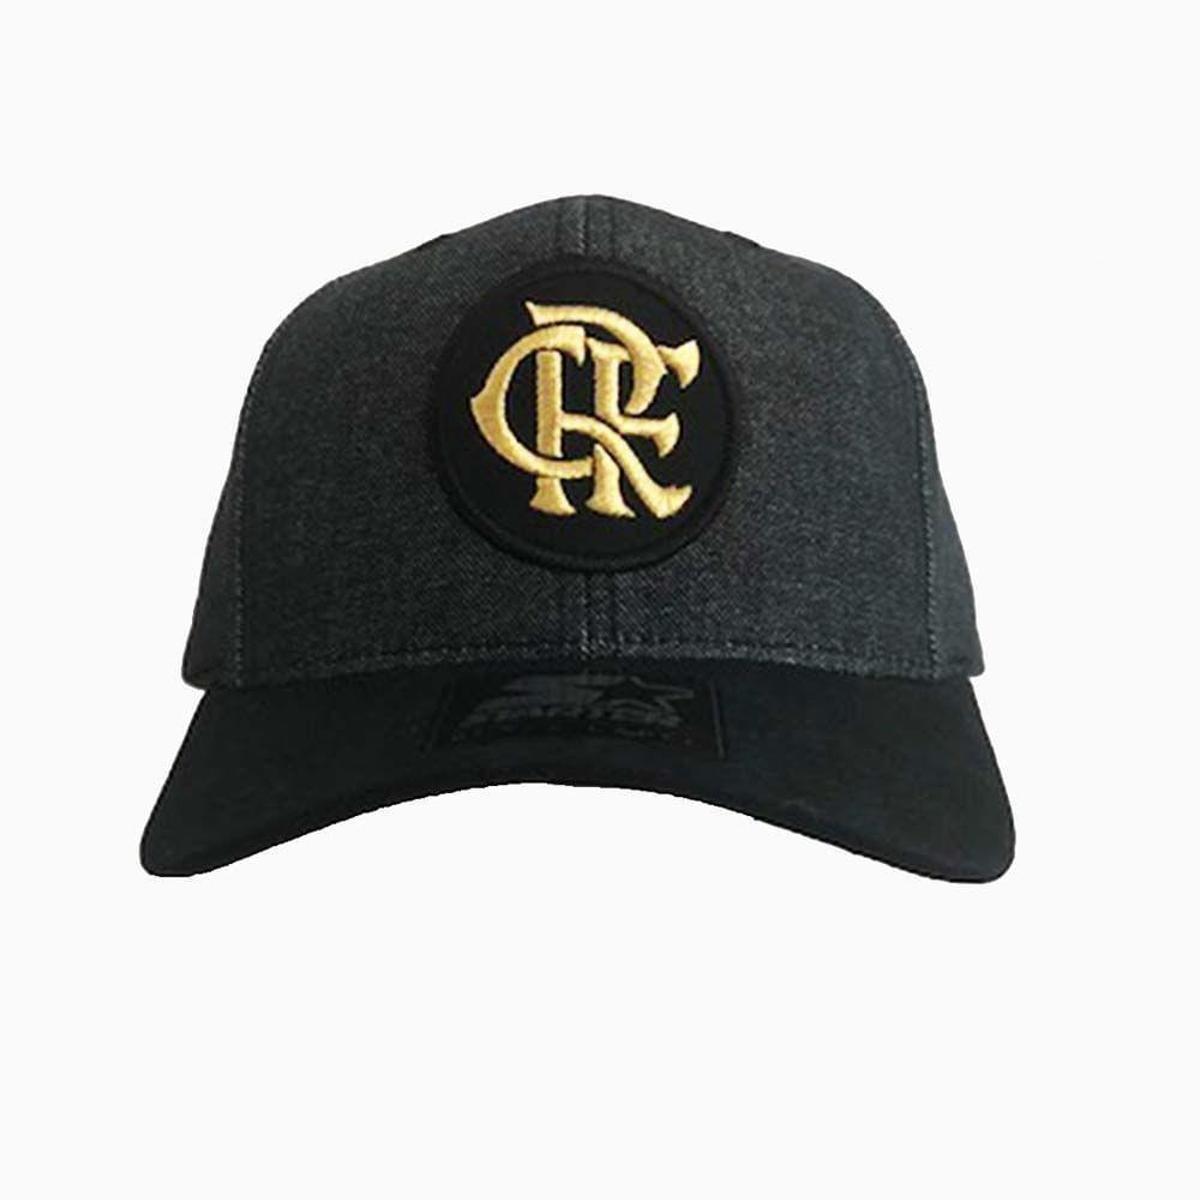 Boné Flamengo CRF Menor Bordado Dourado Starter - Compre Agora ... 6ceb248f543